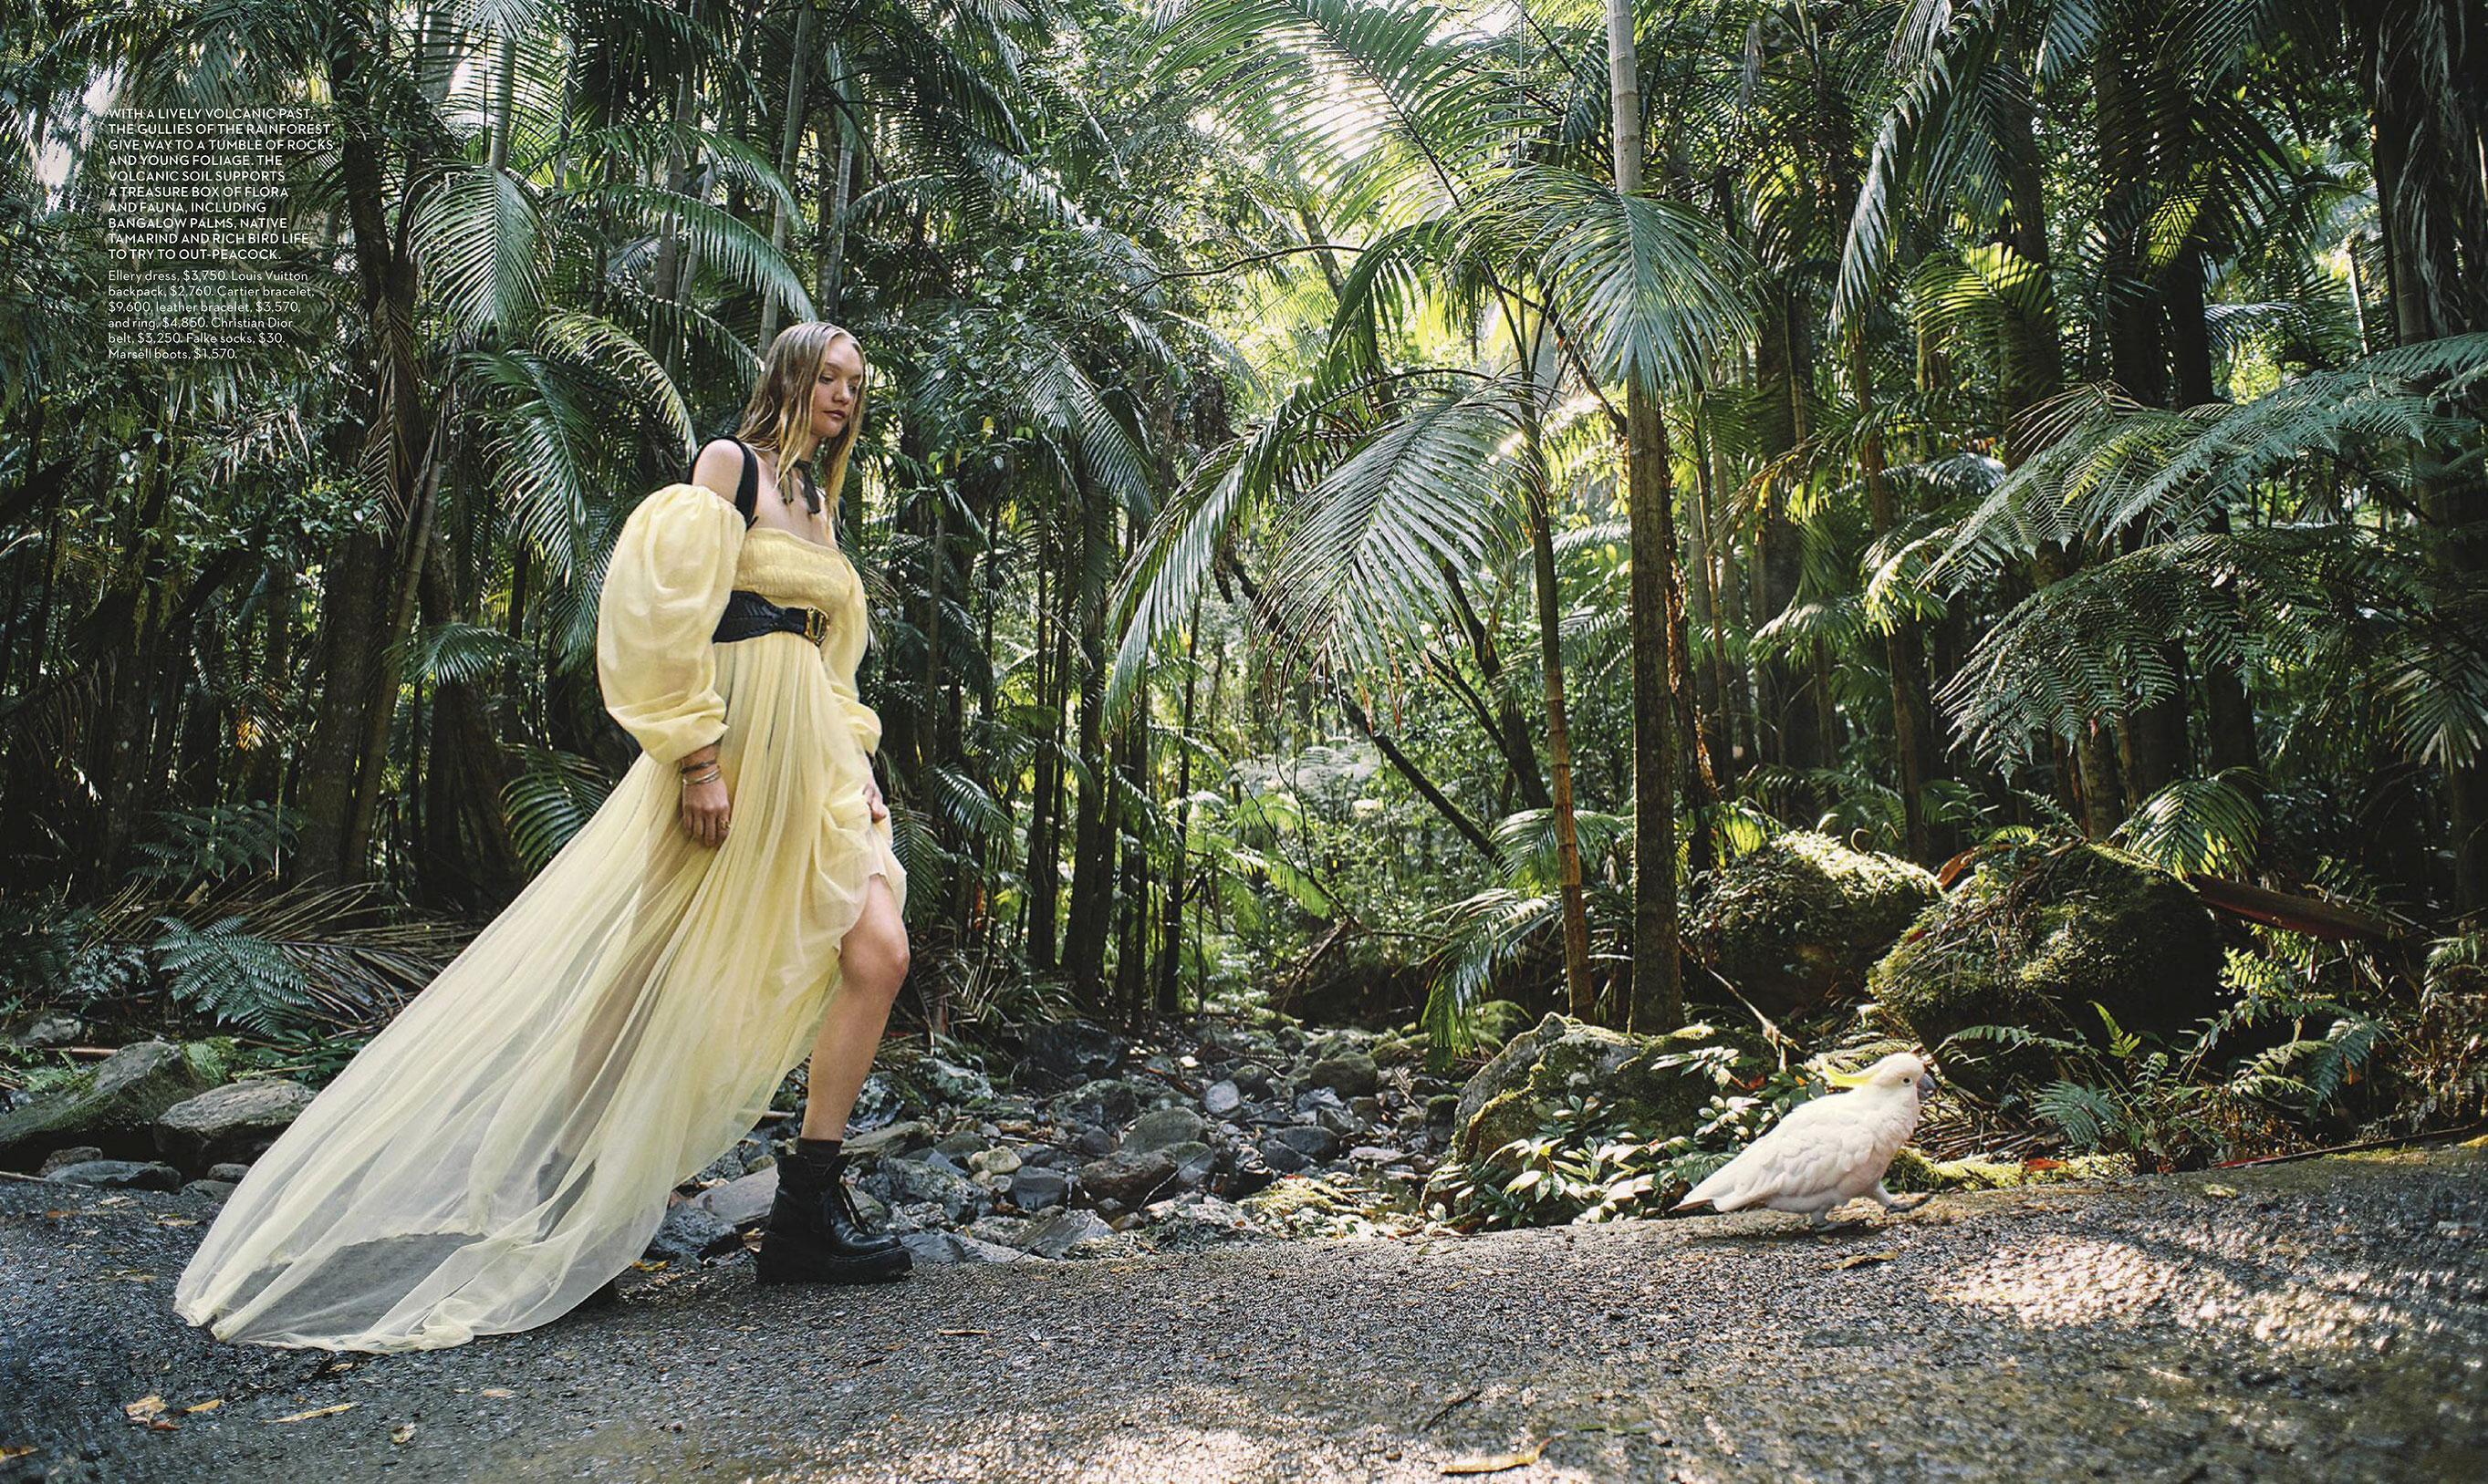 Джемма Уорд с семьей путешествует по лесам Нового Южного Уэльса / фото 04